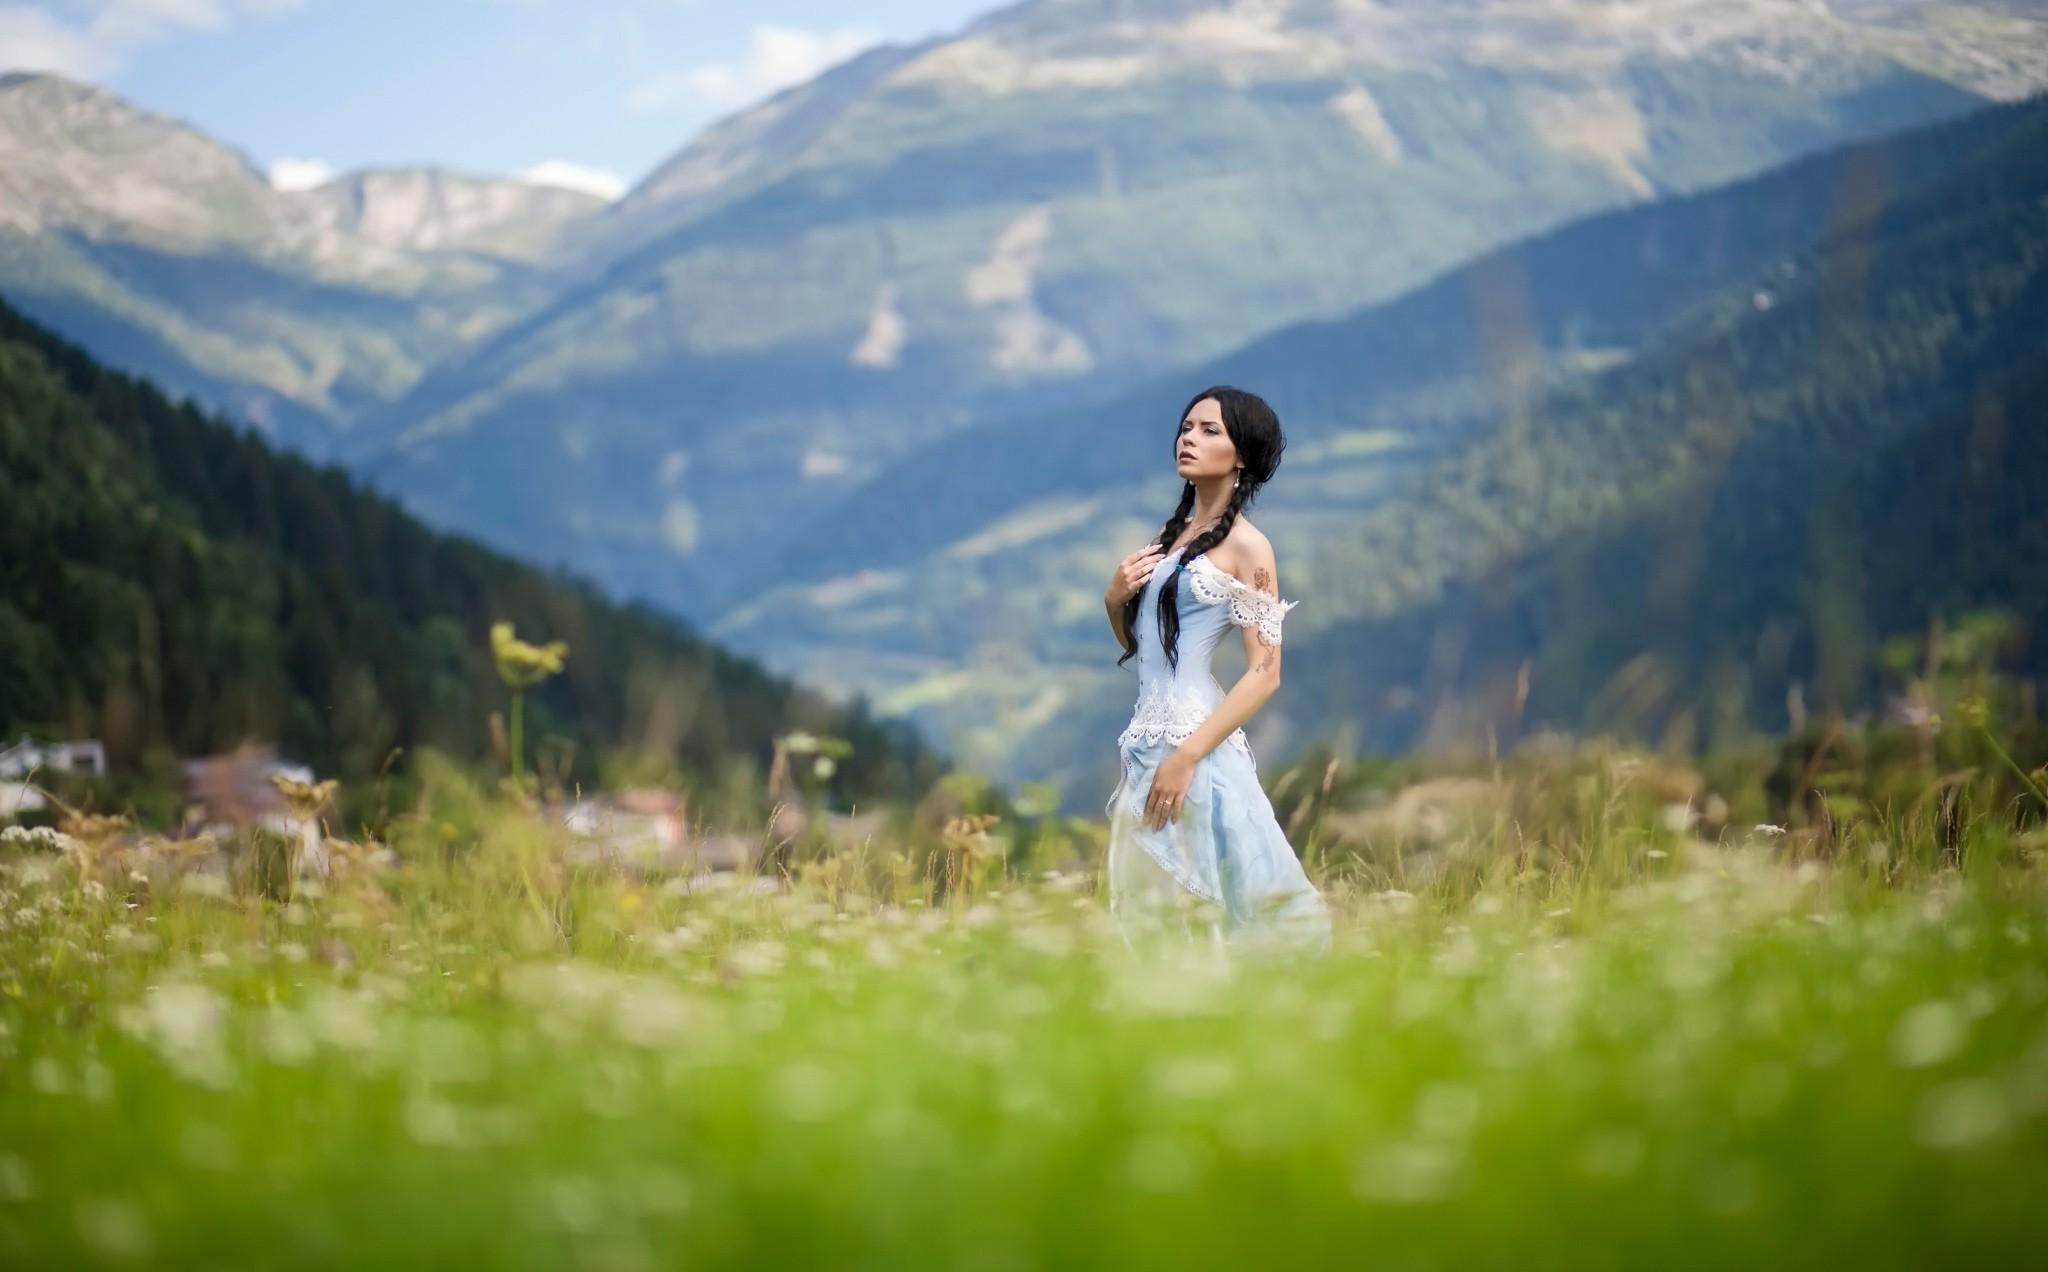 """Résultat de recherche d'images pour """"nature and women"""""""